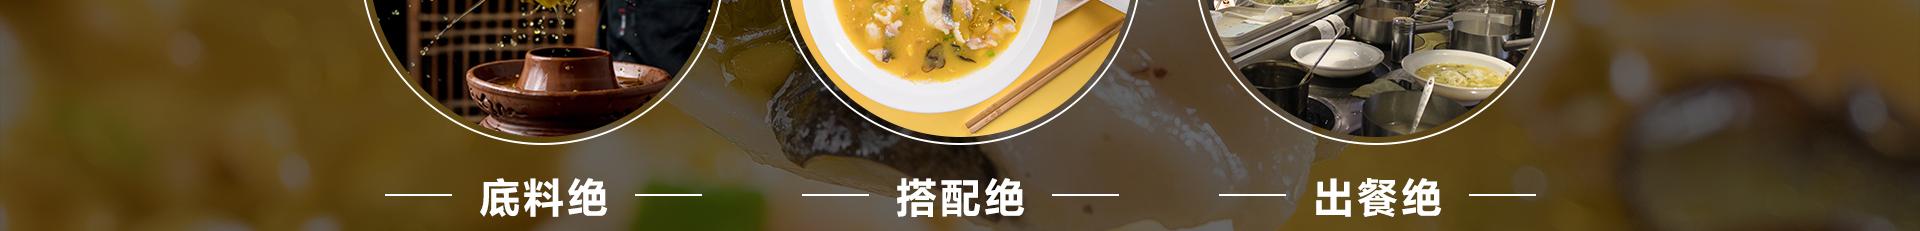 川小喵酸菜鱼cxm_12